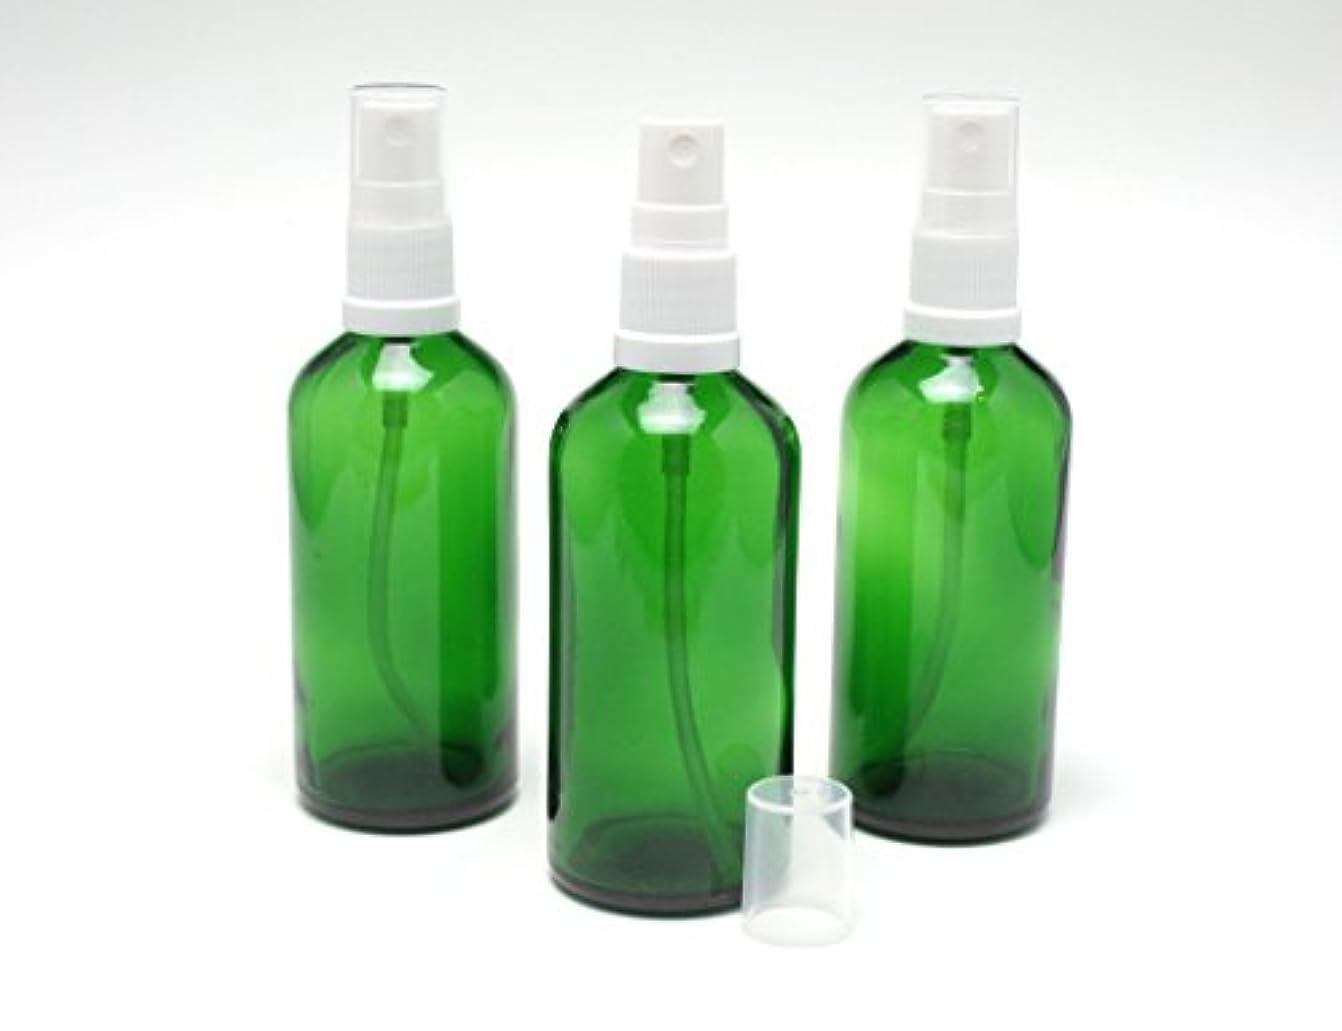 登山家分王女遮光瓶 スプレーボトル (グラス/アトマイザー) 100ml / グリーン ホワイトヘッド 3本セット 【新品アウトレット商品 】